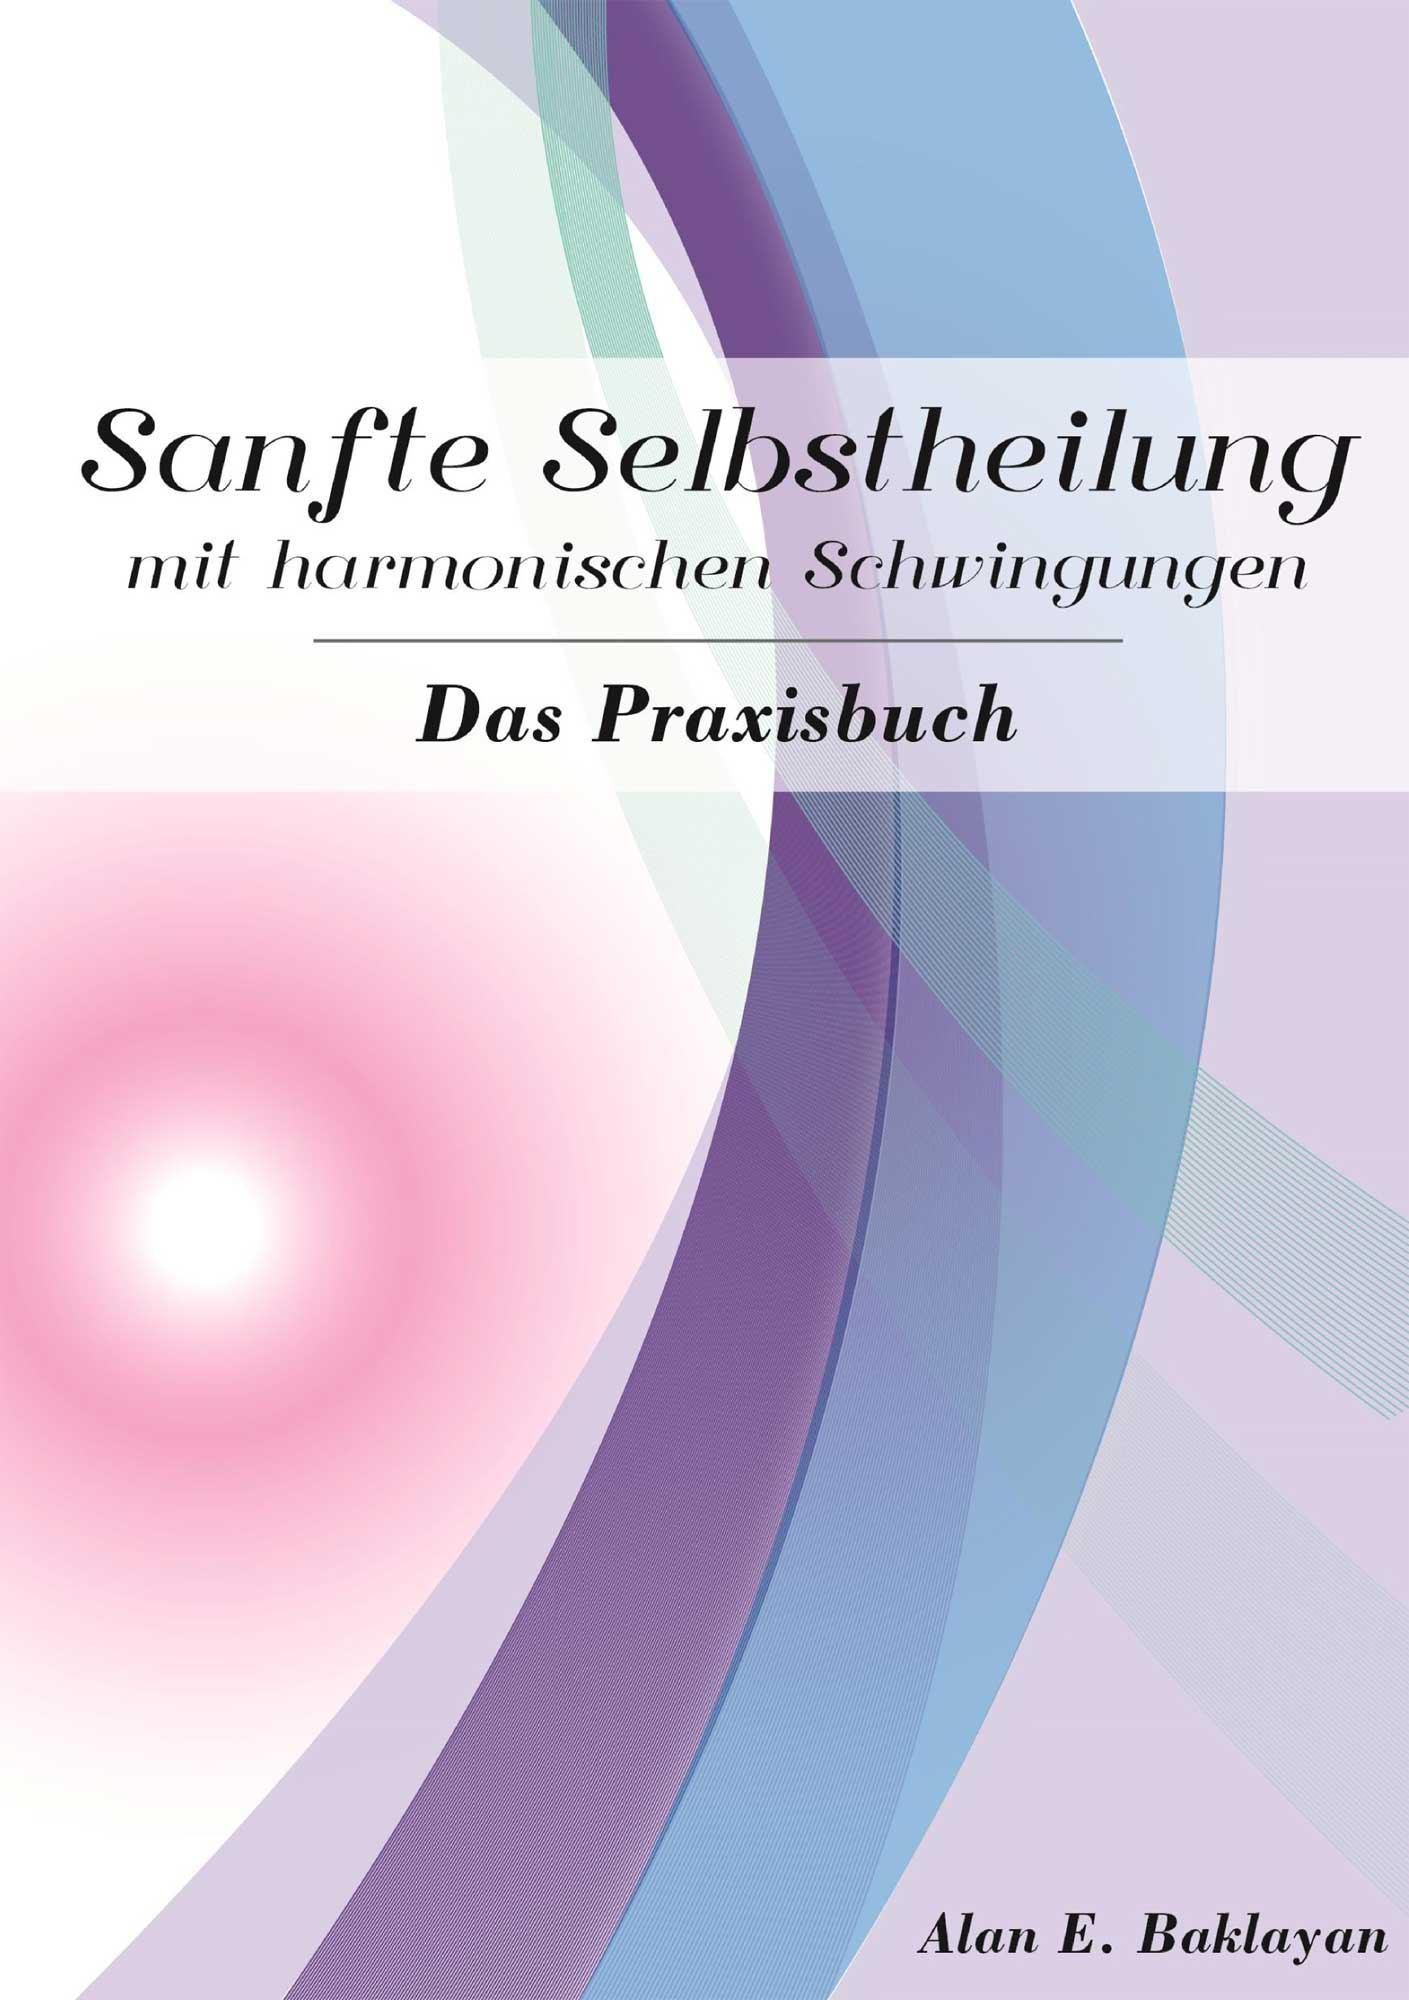 Sanfte Selbstheilung mit harmonischen Schwingungen -Das Praxisbuch von Alan Baklayan auf deutsch